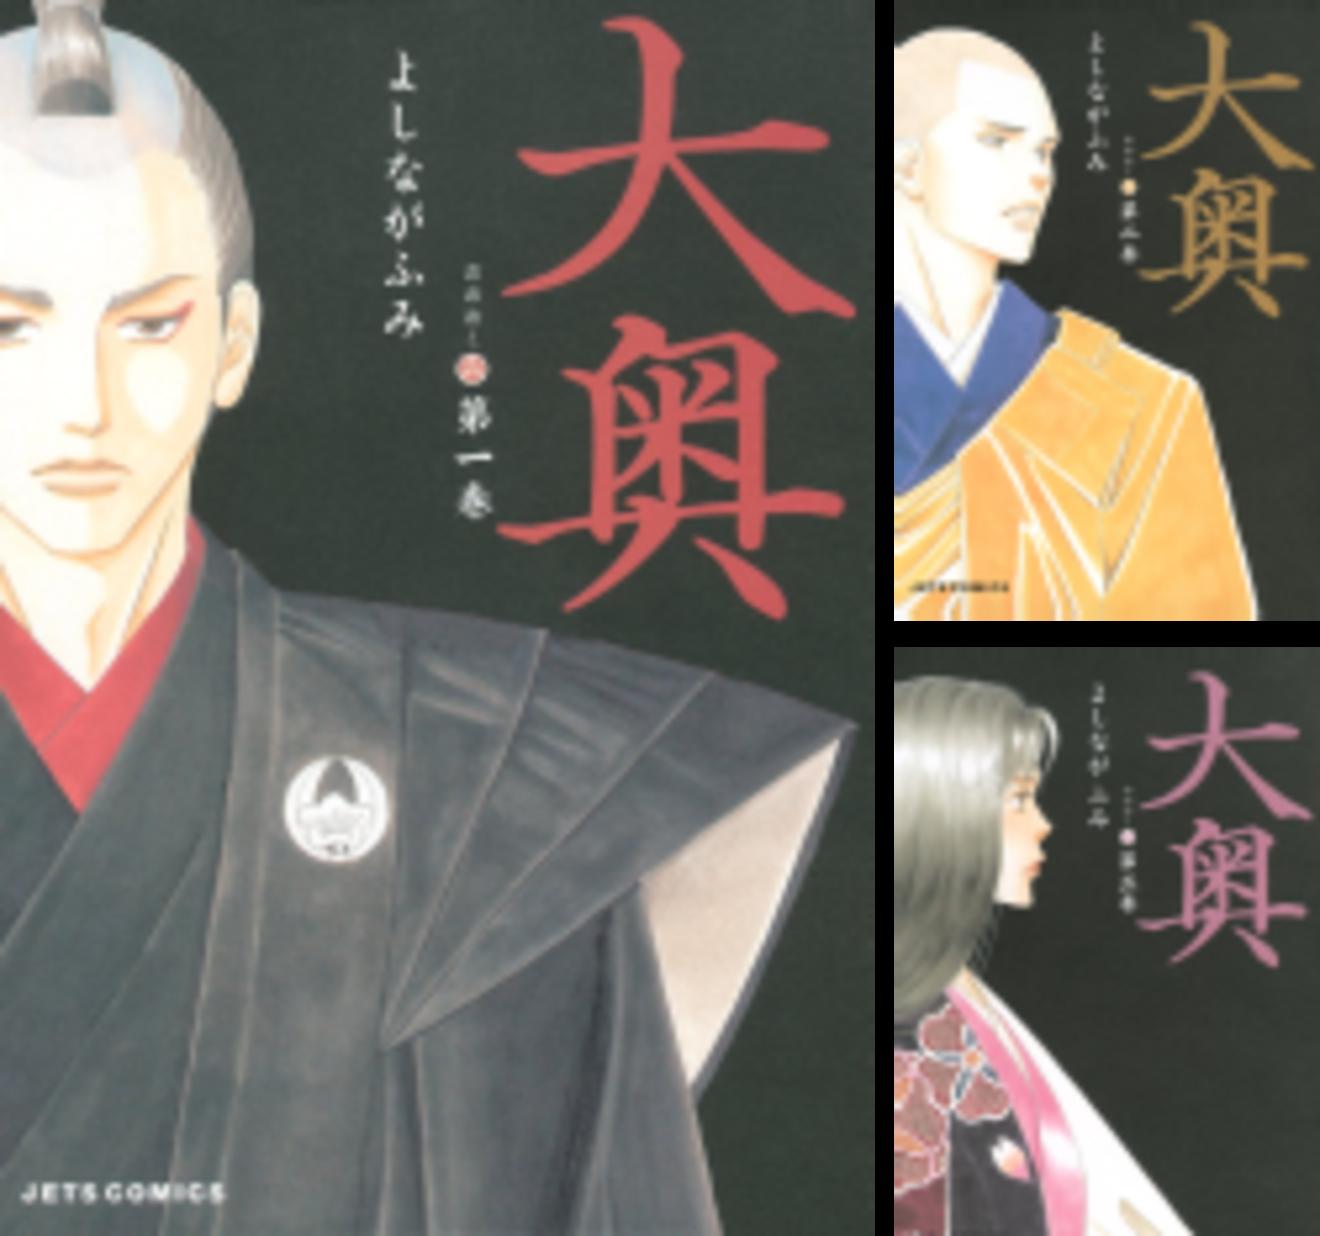 歴史、時代ものおすすめ恋愛漫画5選!日本の美しい恋物語